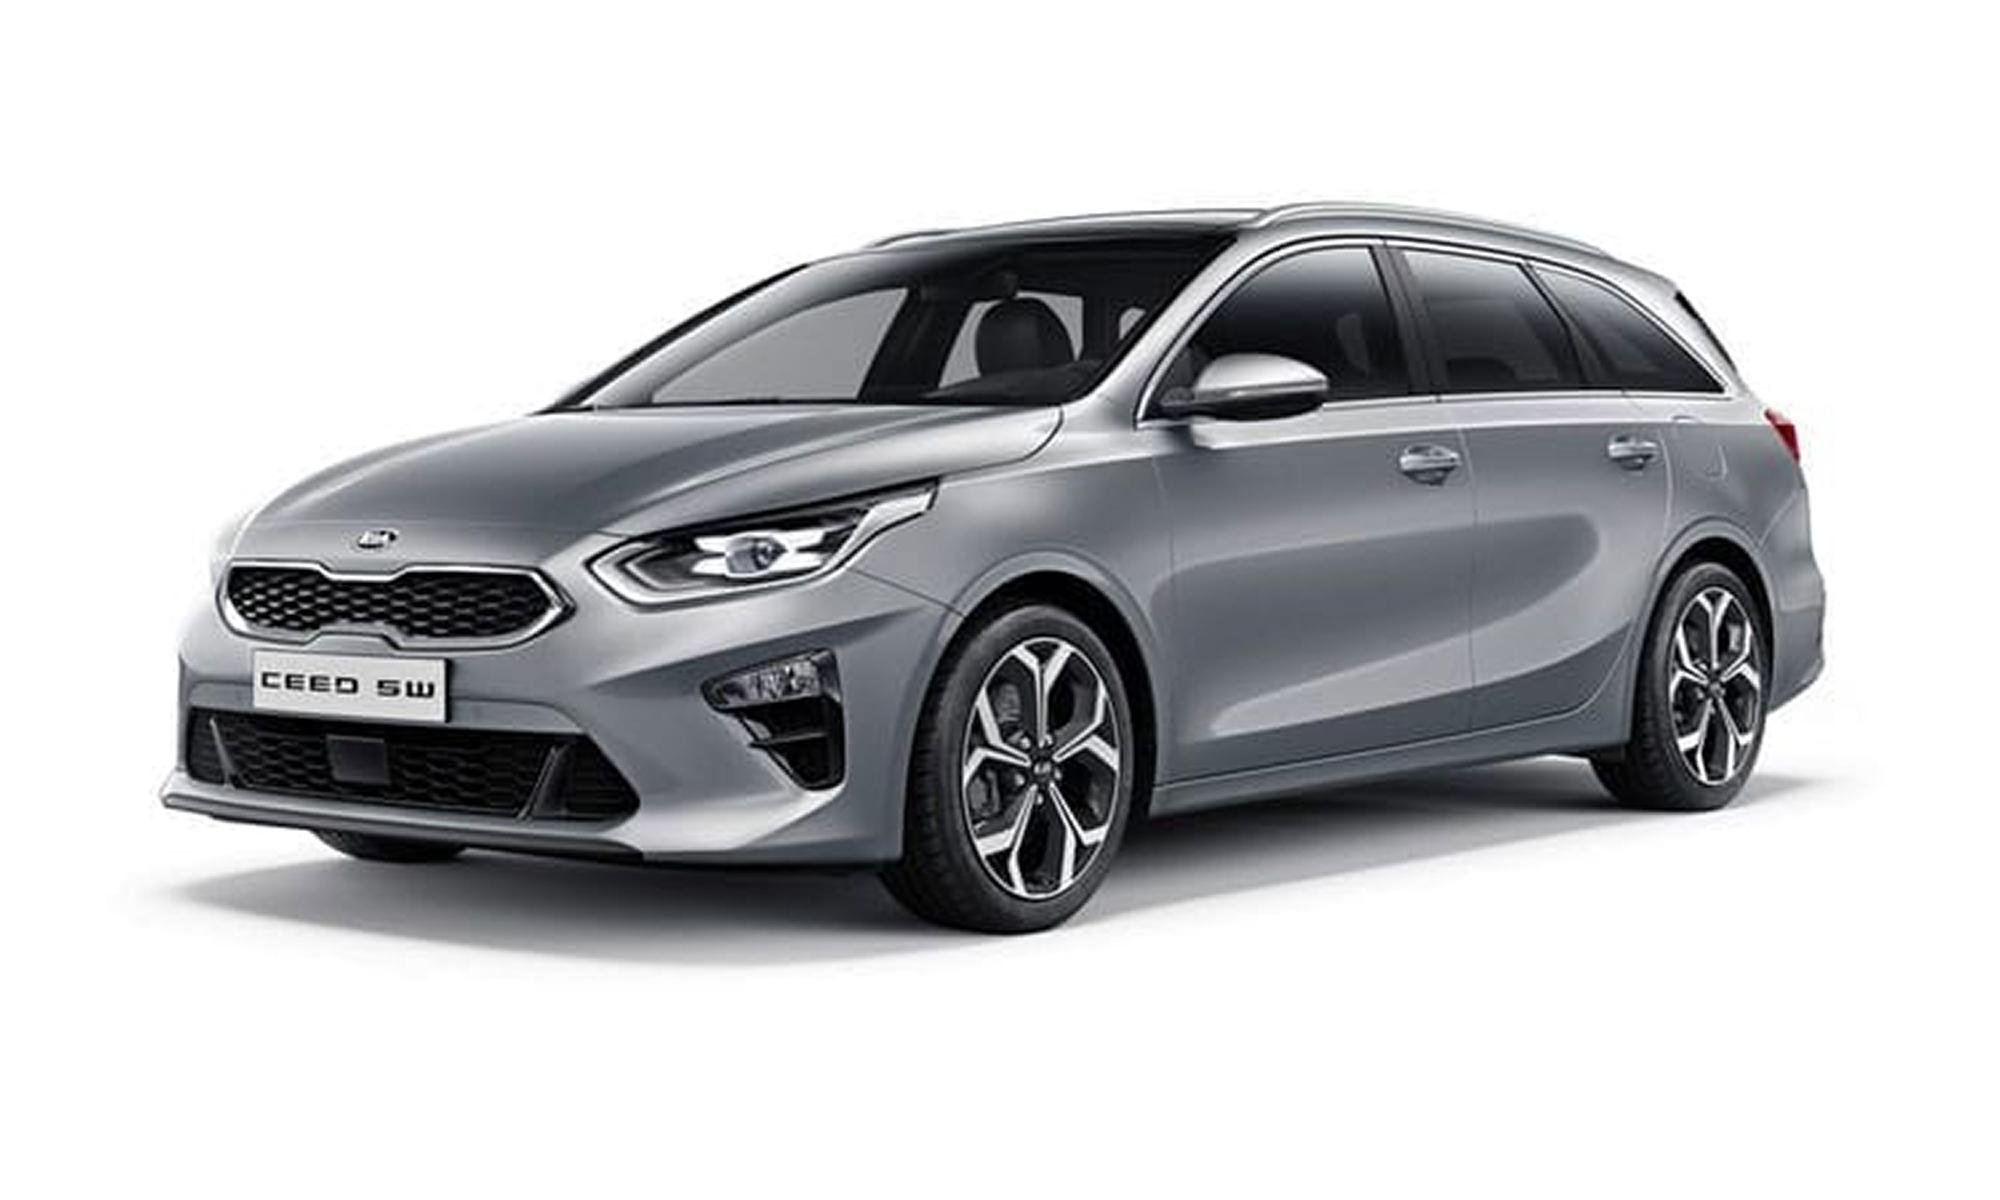 Kia Ceed Sportswagon PHEV (2020)